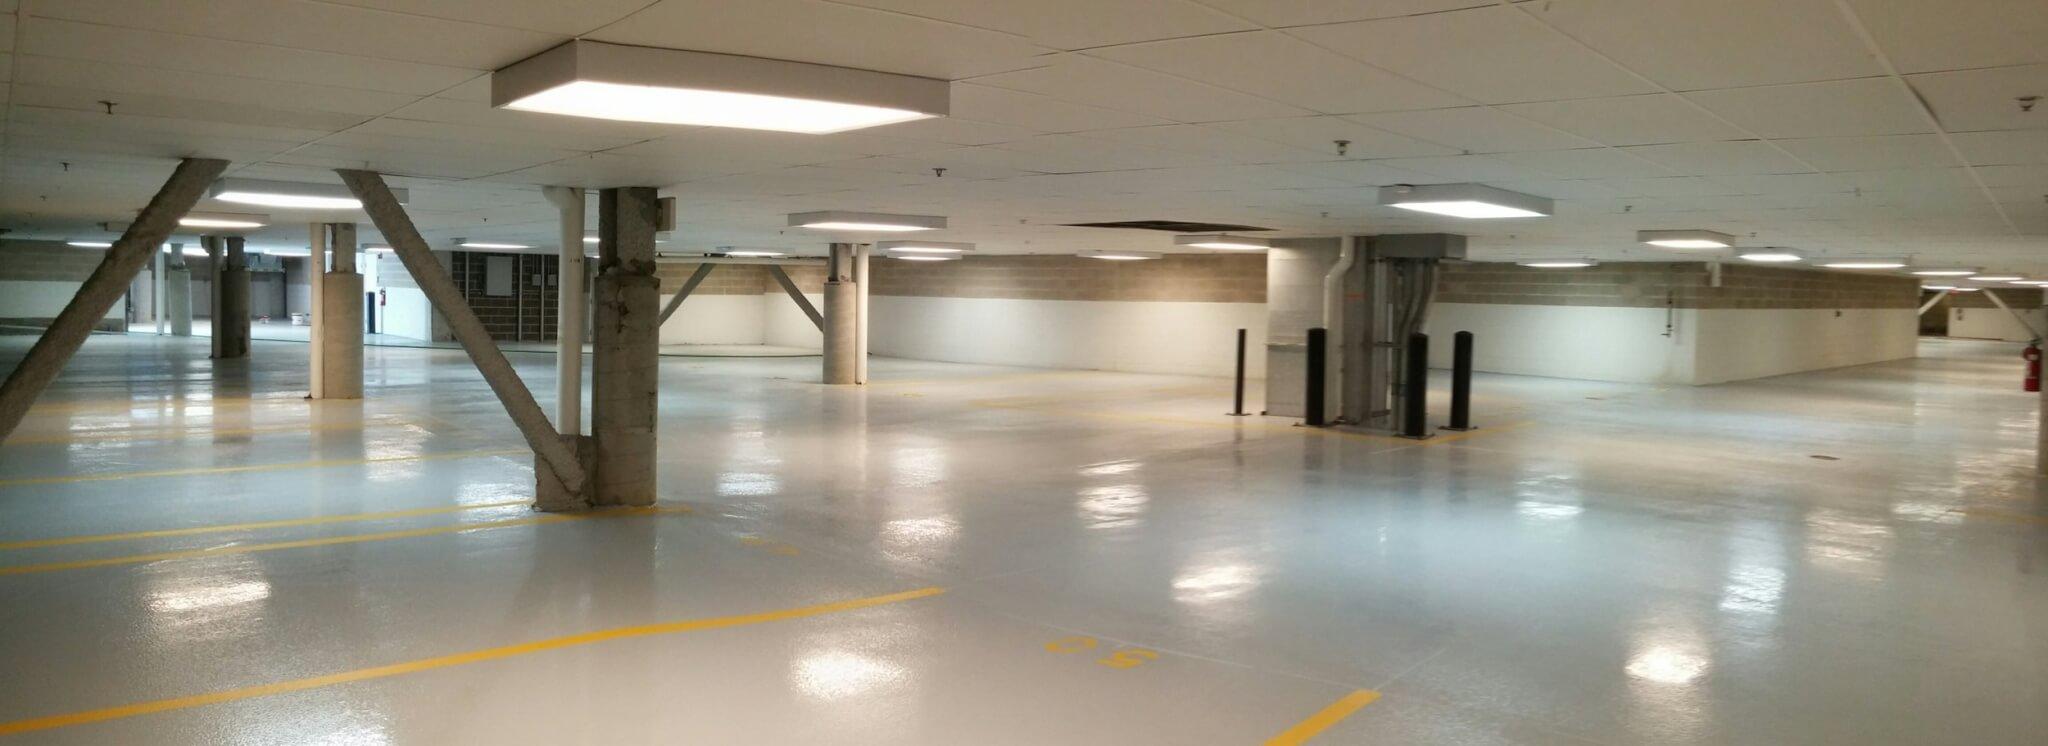 Parking+Garage+2